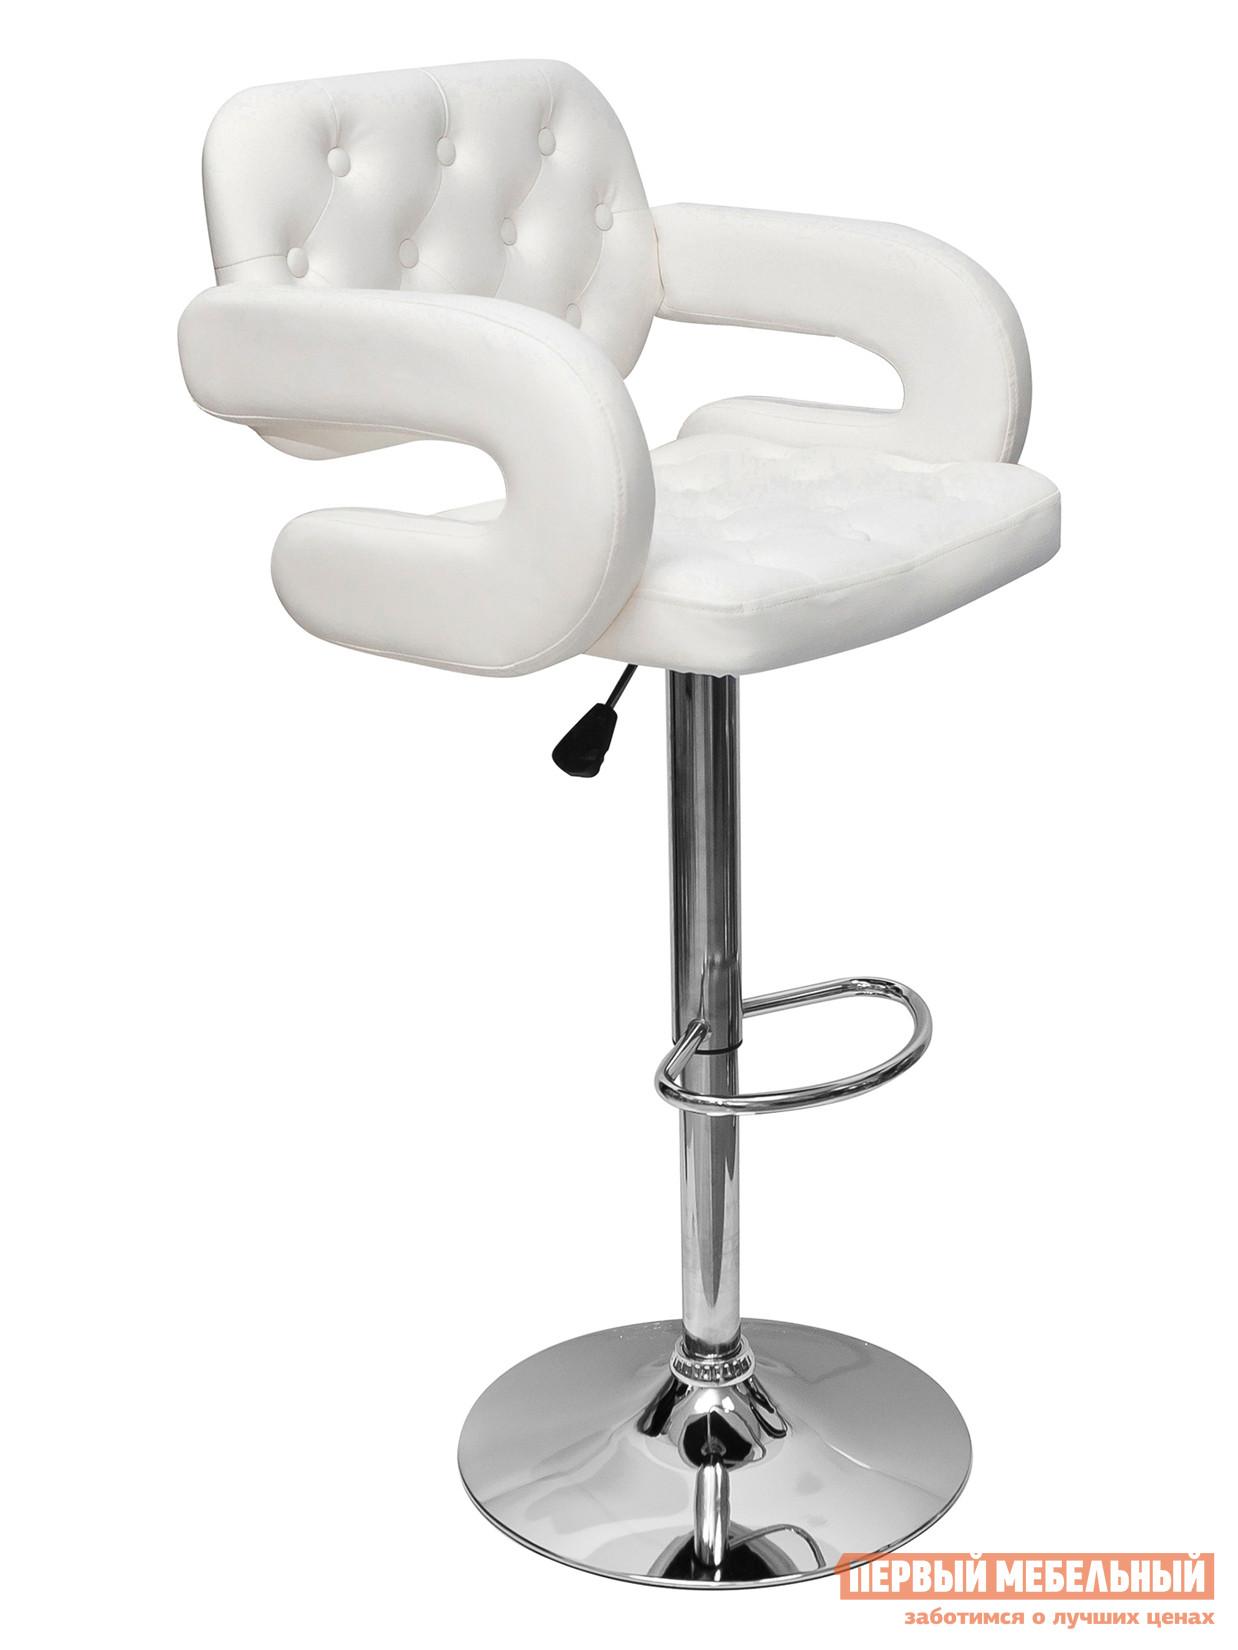 Барный стул STOOL GROUP Стул барный Бентли Белый